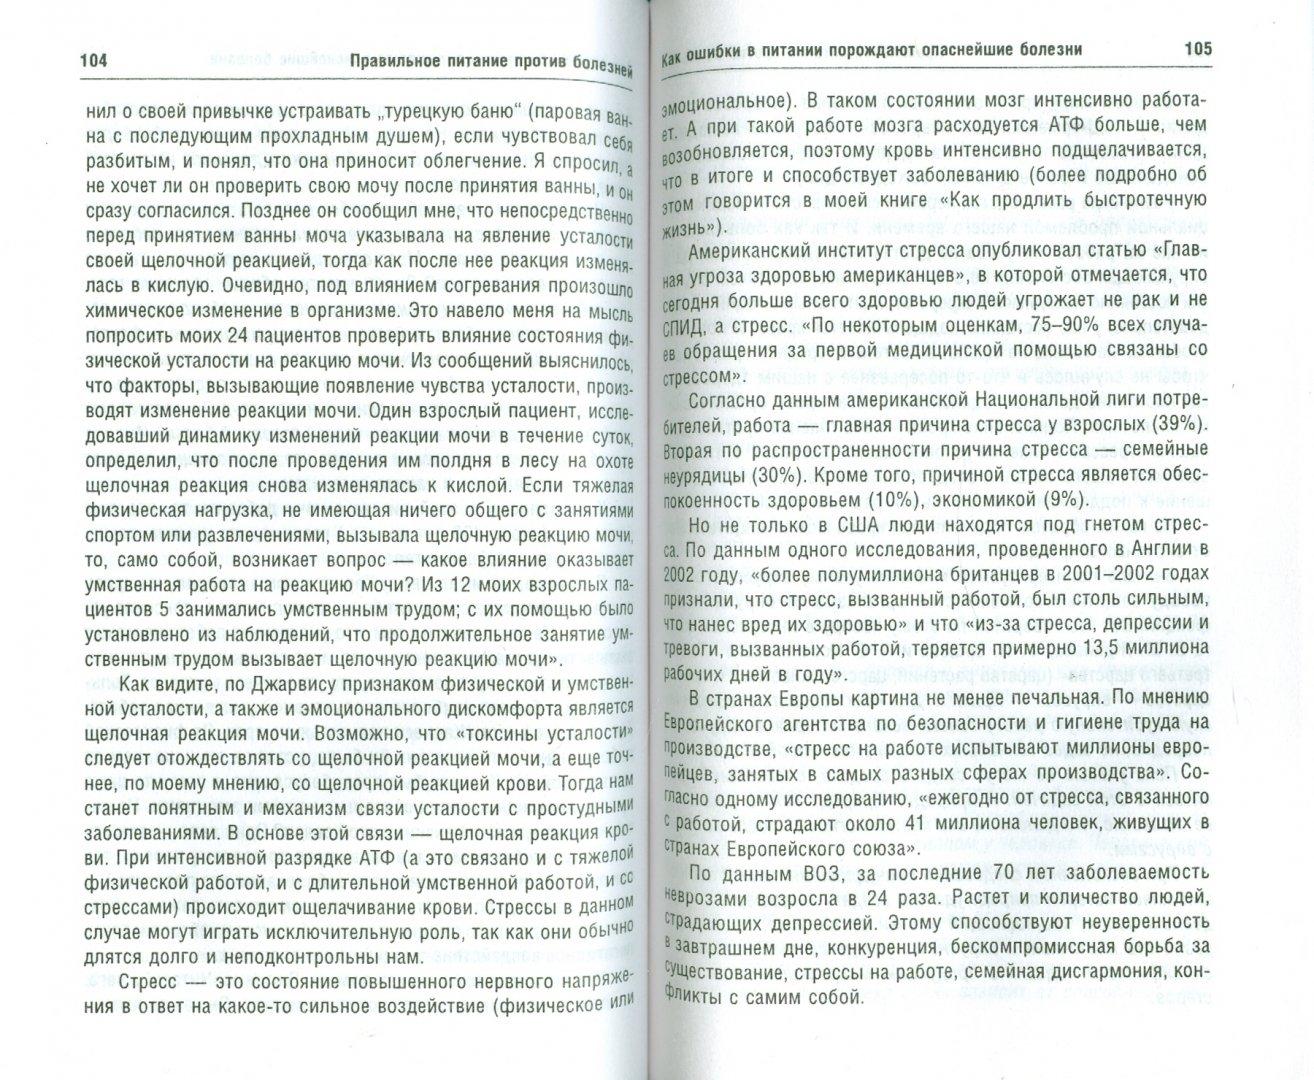 Иллюстрация 1 из 5 для Правильное питание против всех болезней. Супероружие в борьбе за здоровье - Николай Друзьяк   Лабиринт - книги. Источник: Лабиринт